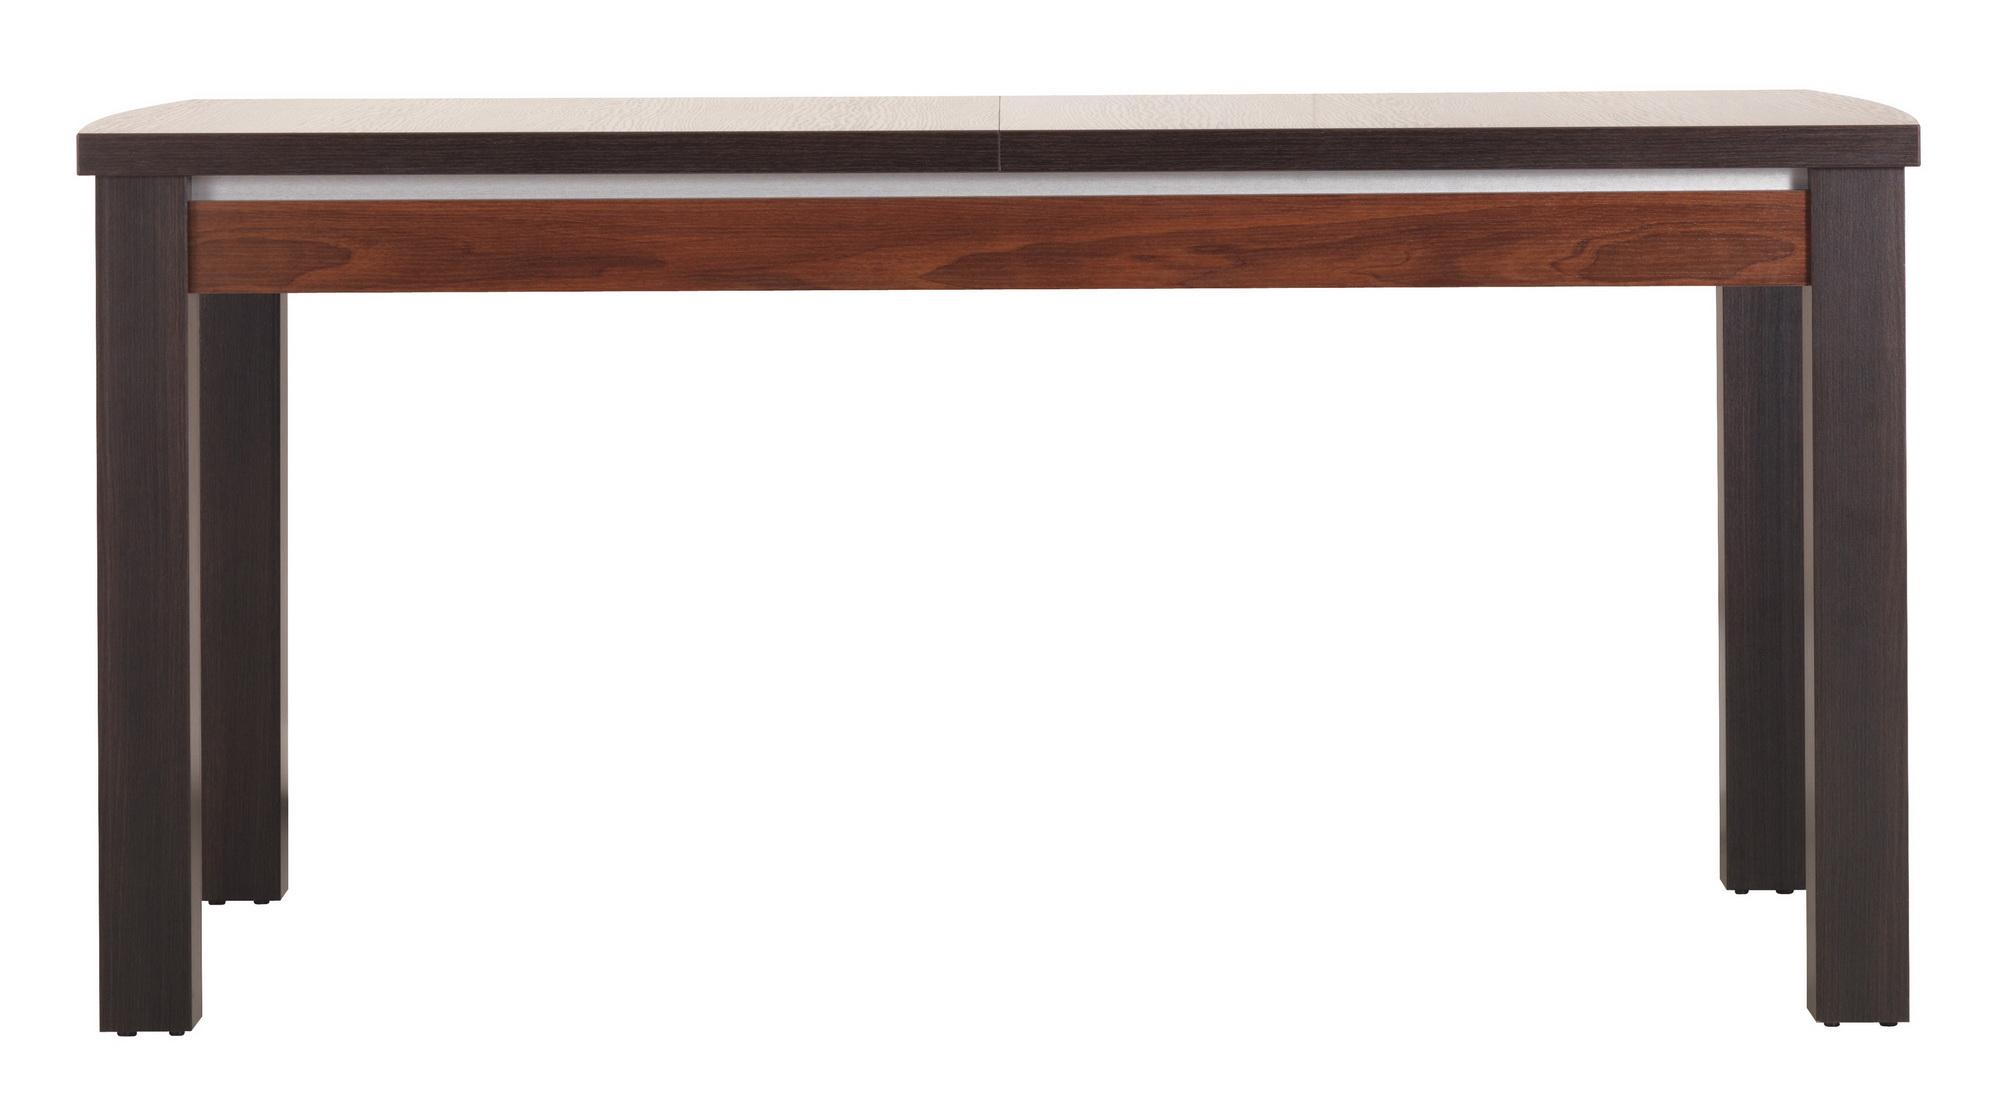 Jedálenský stôl - Bog Fran - Forrest FR/12 (pre 6 až 8 osôb). Sme autorizovaný predajca Bog Fran. Vlastná spoľahlivá doprava až k Vám domov.